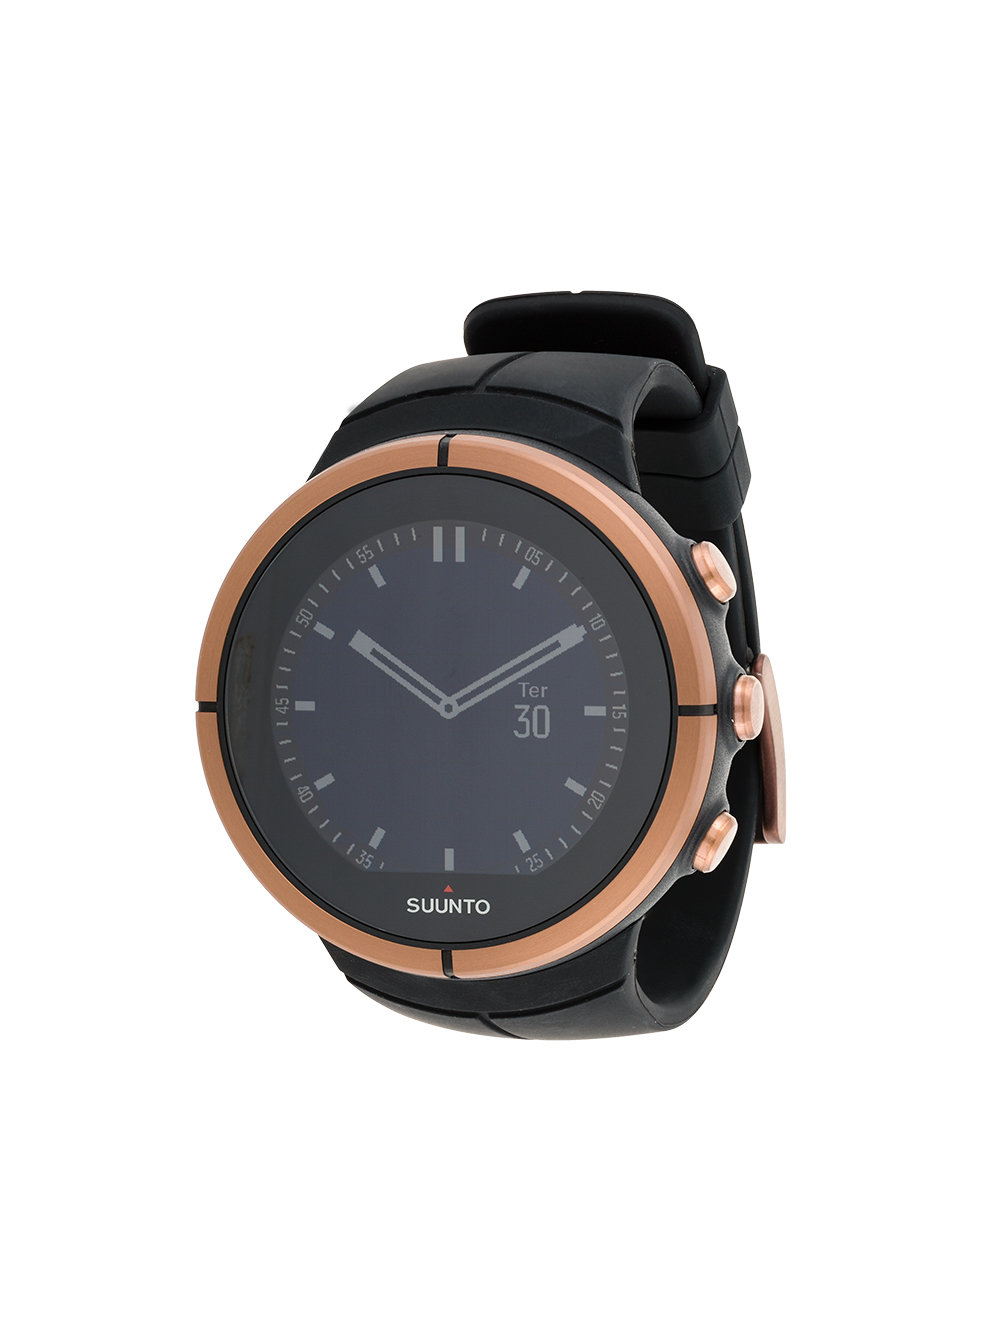 Часовник Suunto; 1583.88лв